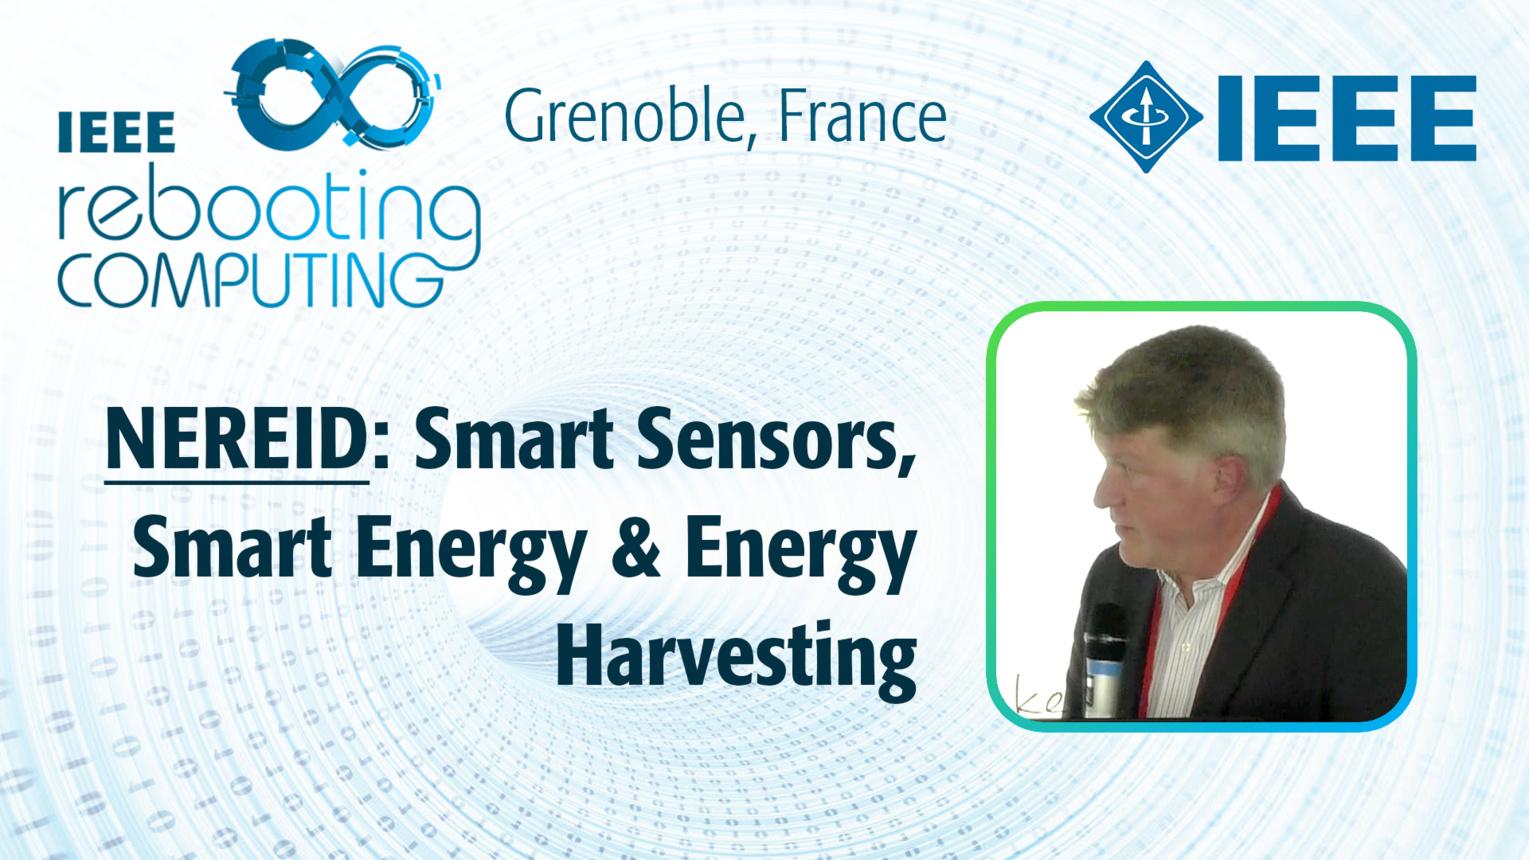 NEREID: Smart Sensors, Smart Energy & Energy Harvesting - David Holden at INC 2019